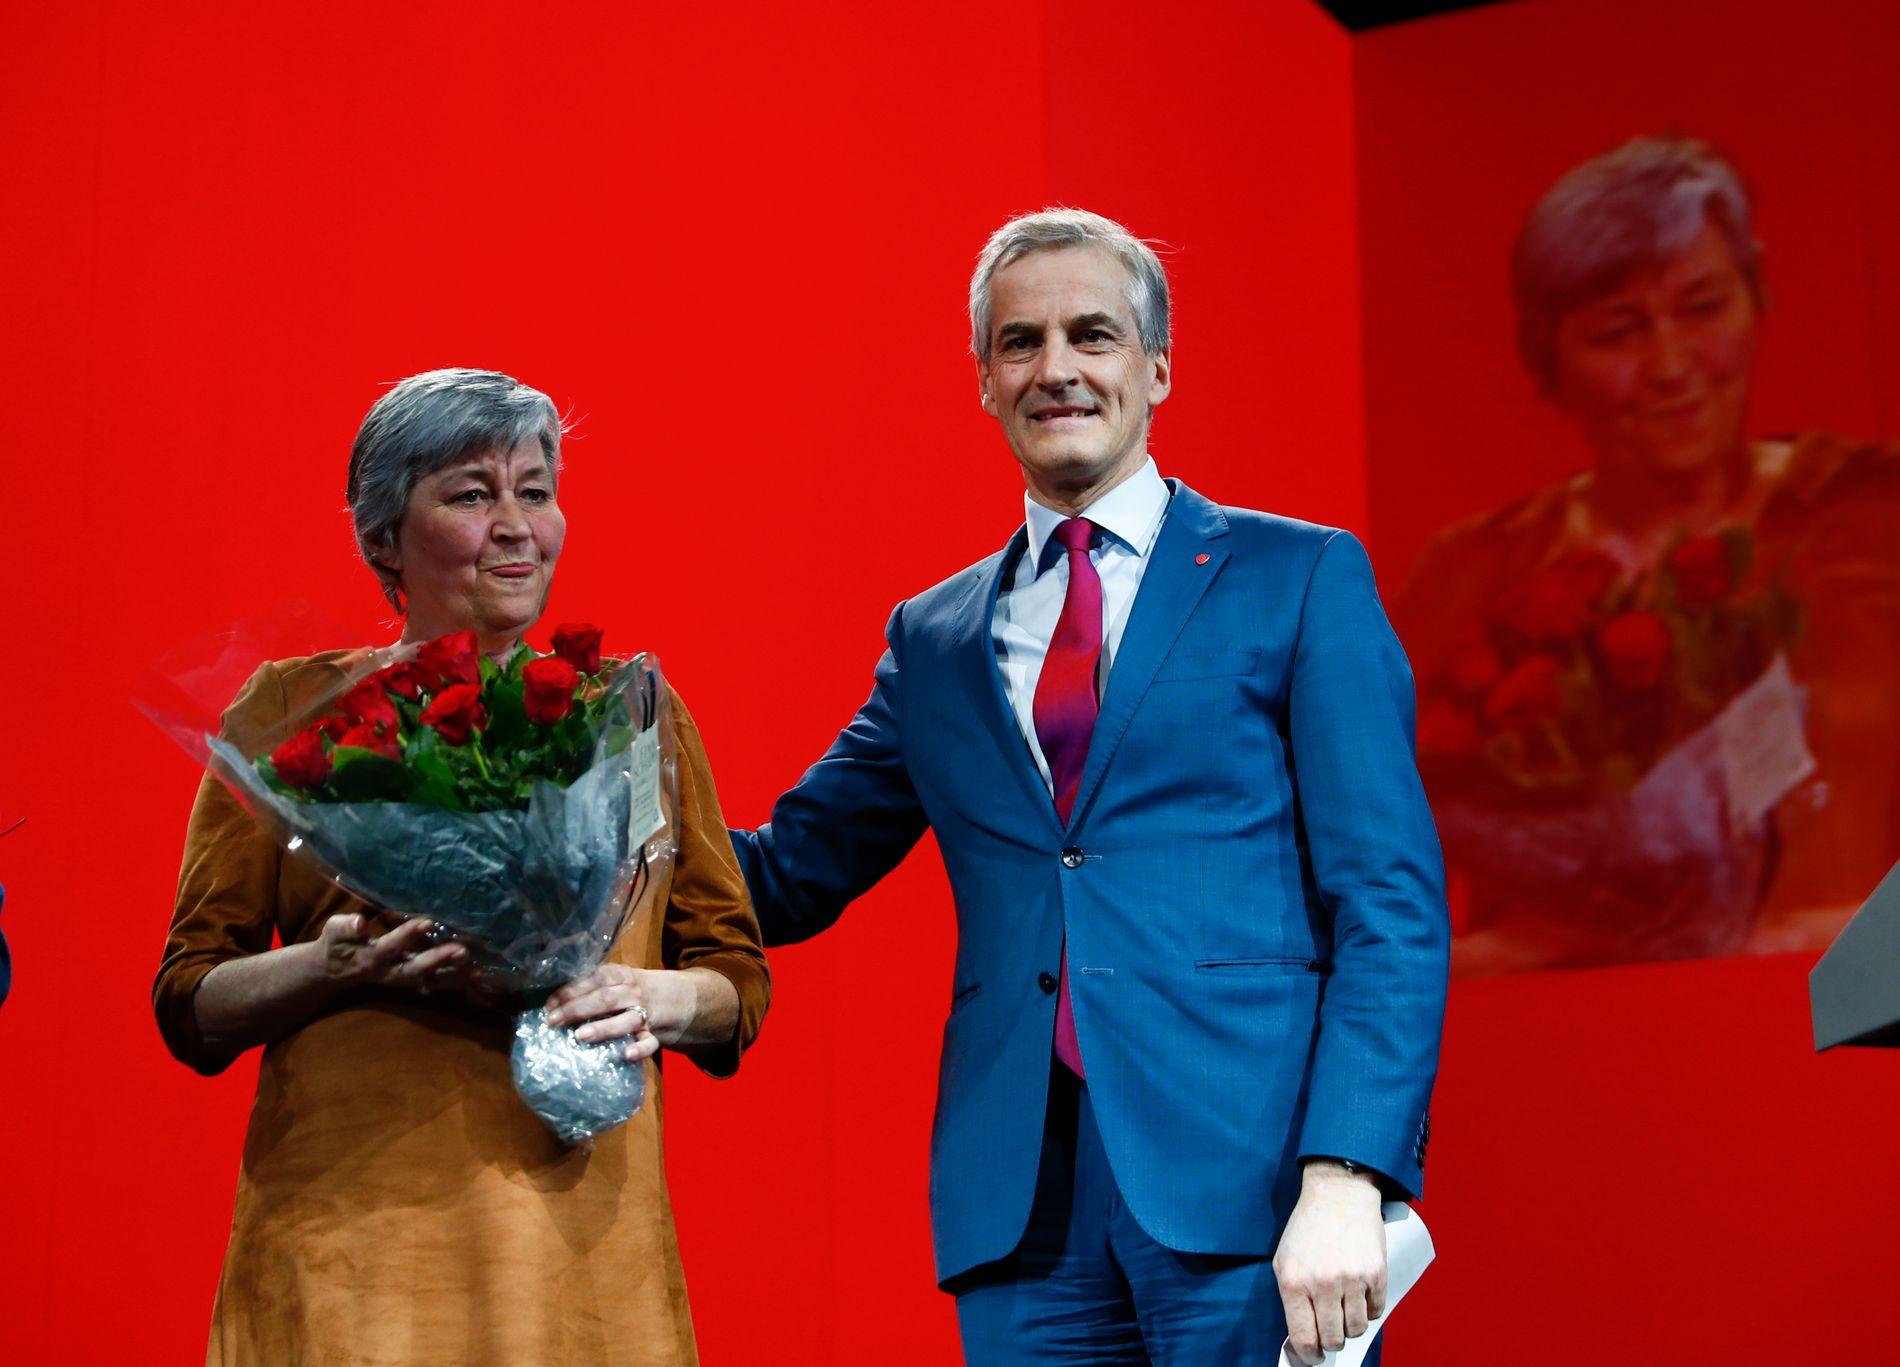 ØKER STØTTEN: LO-Gerd åpner lommeboka for Ap. Her takket partileder Jonas Gahr Støre takker LO-leder Gerd Kristiansen for innsatsen i landsstyret på landsmøtet til Arbeiderpartiet.